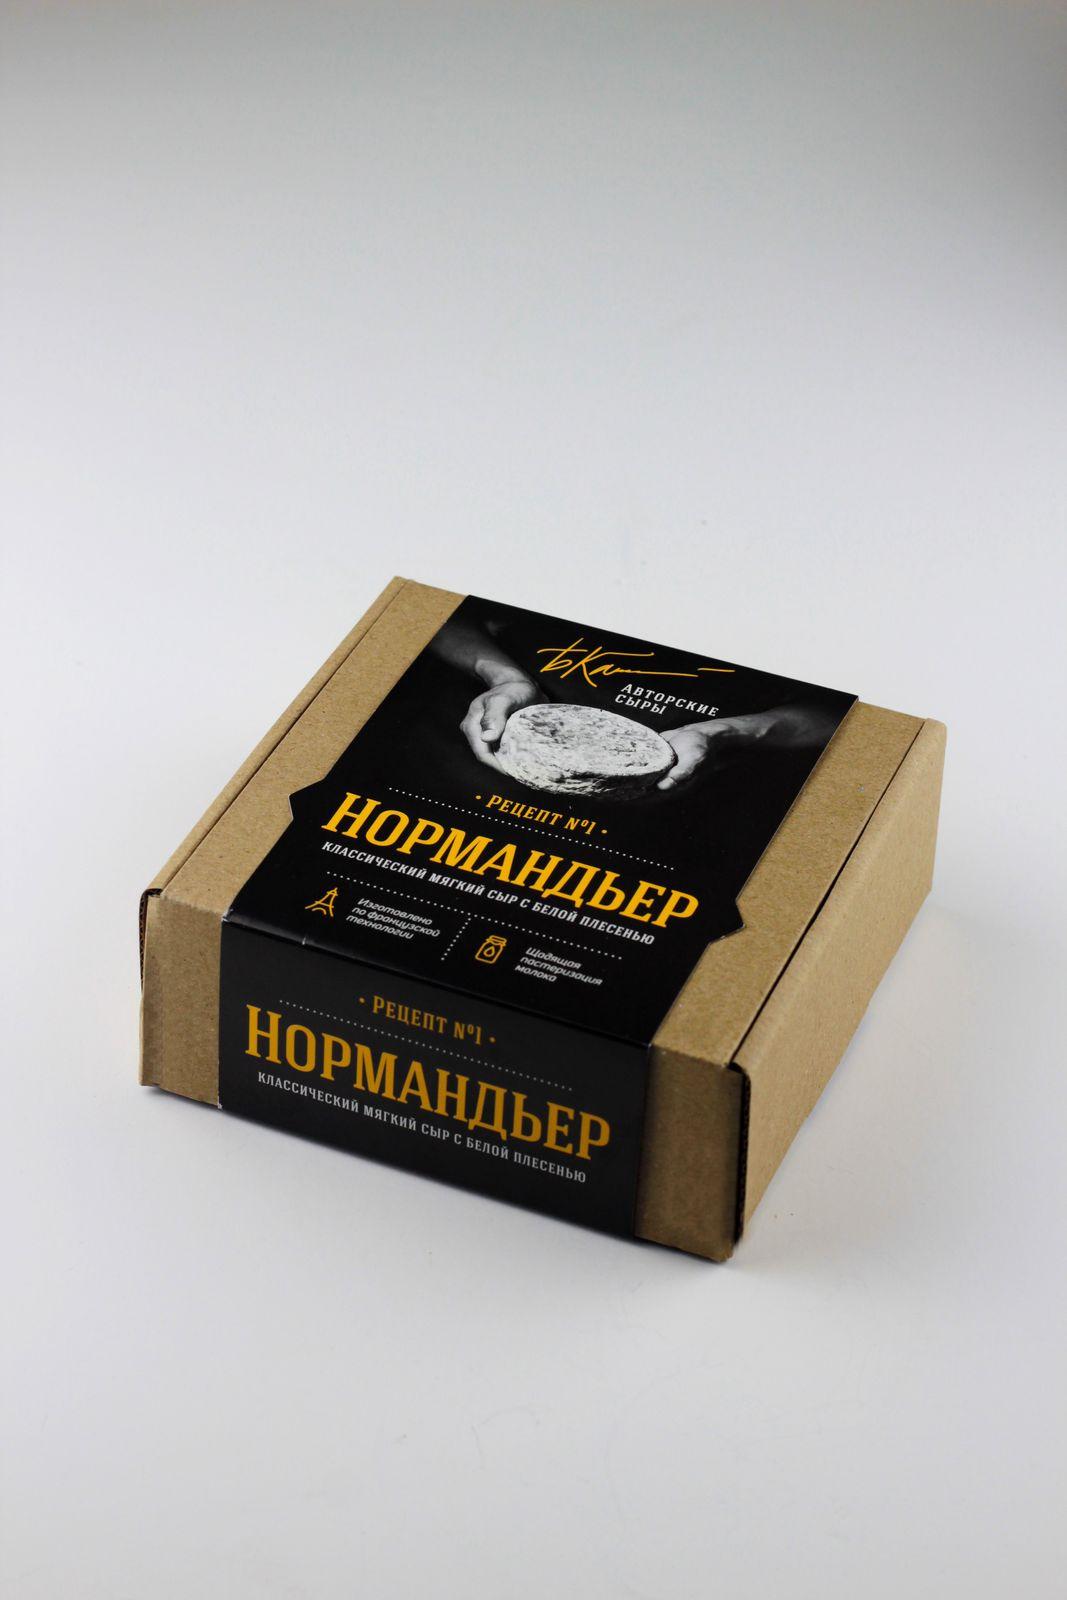 Сыр Авторские сыры Нормандьер рецепт №1, мягкий с белой плесенью, 200 г